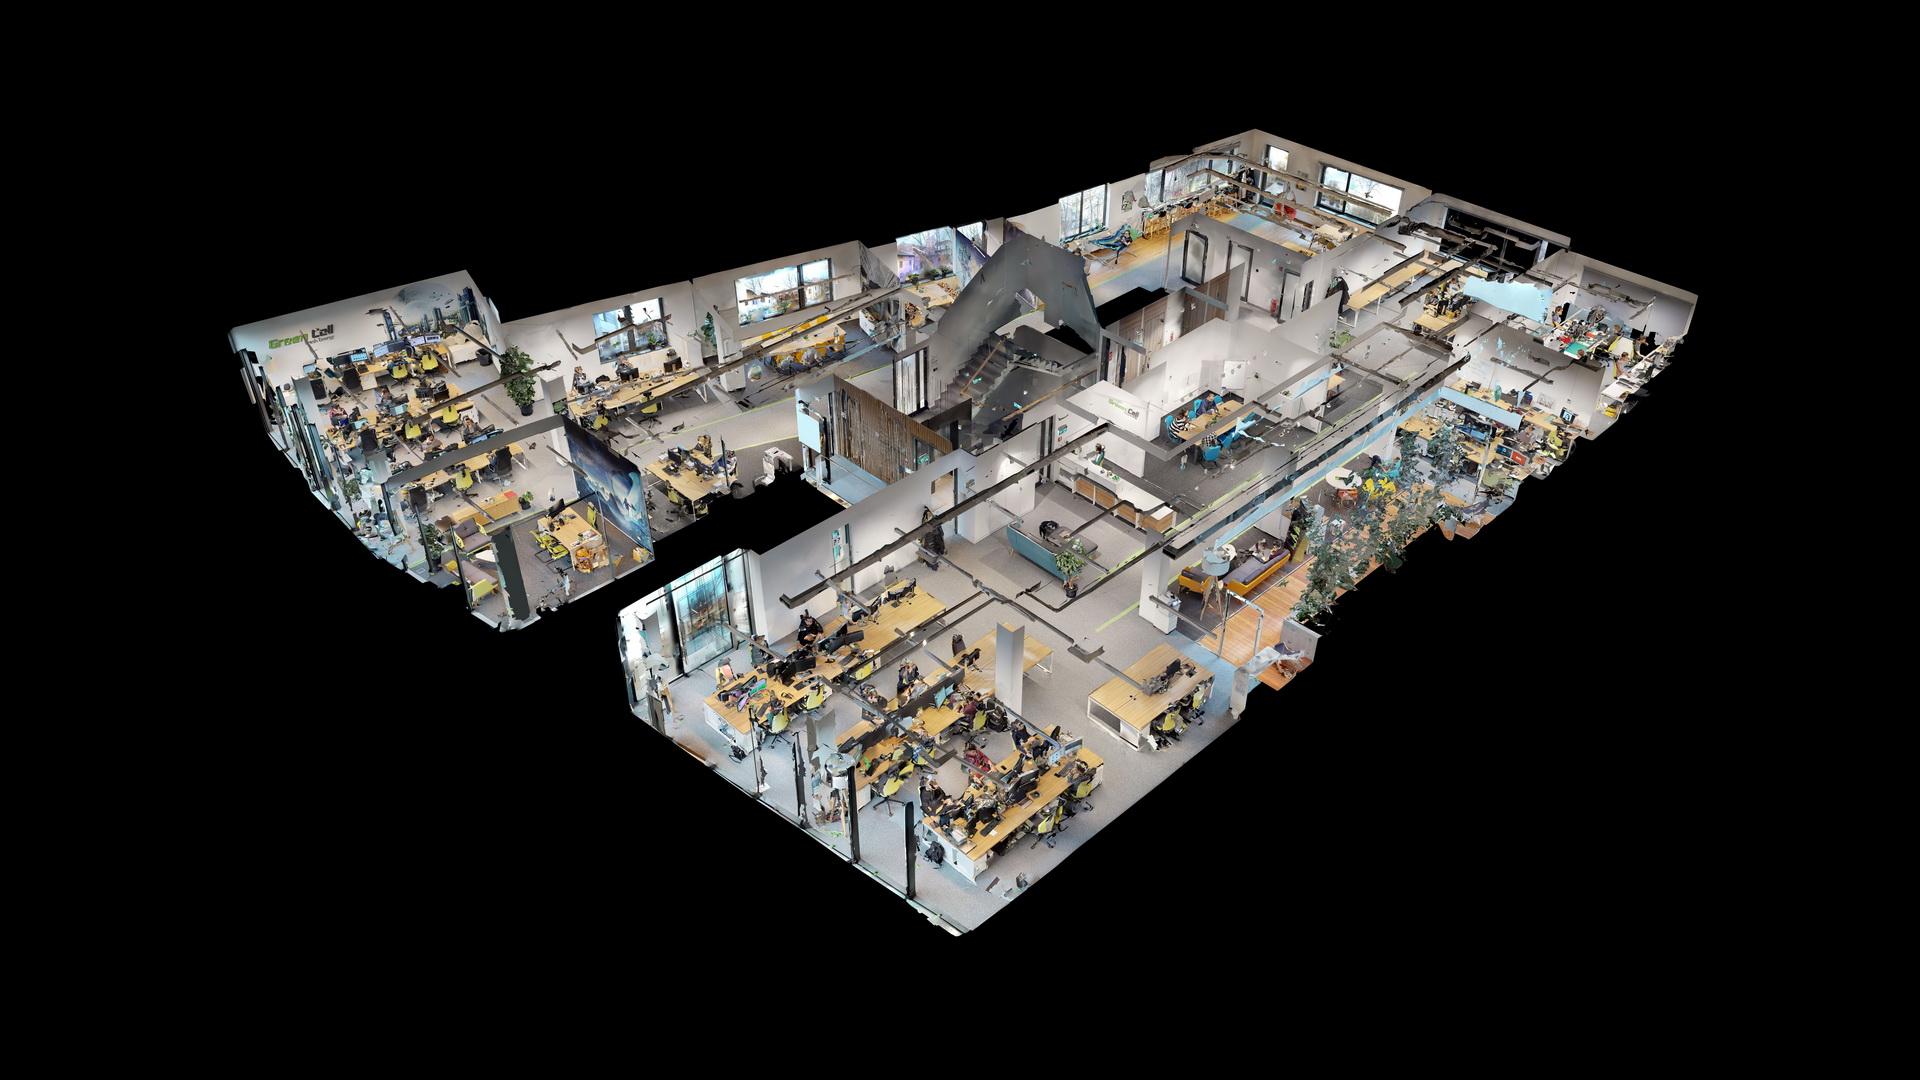 biuro firmy wirtualny spacer google